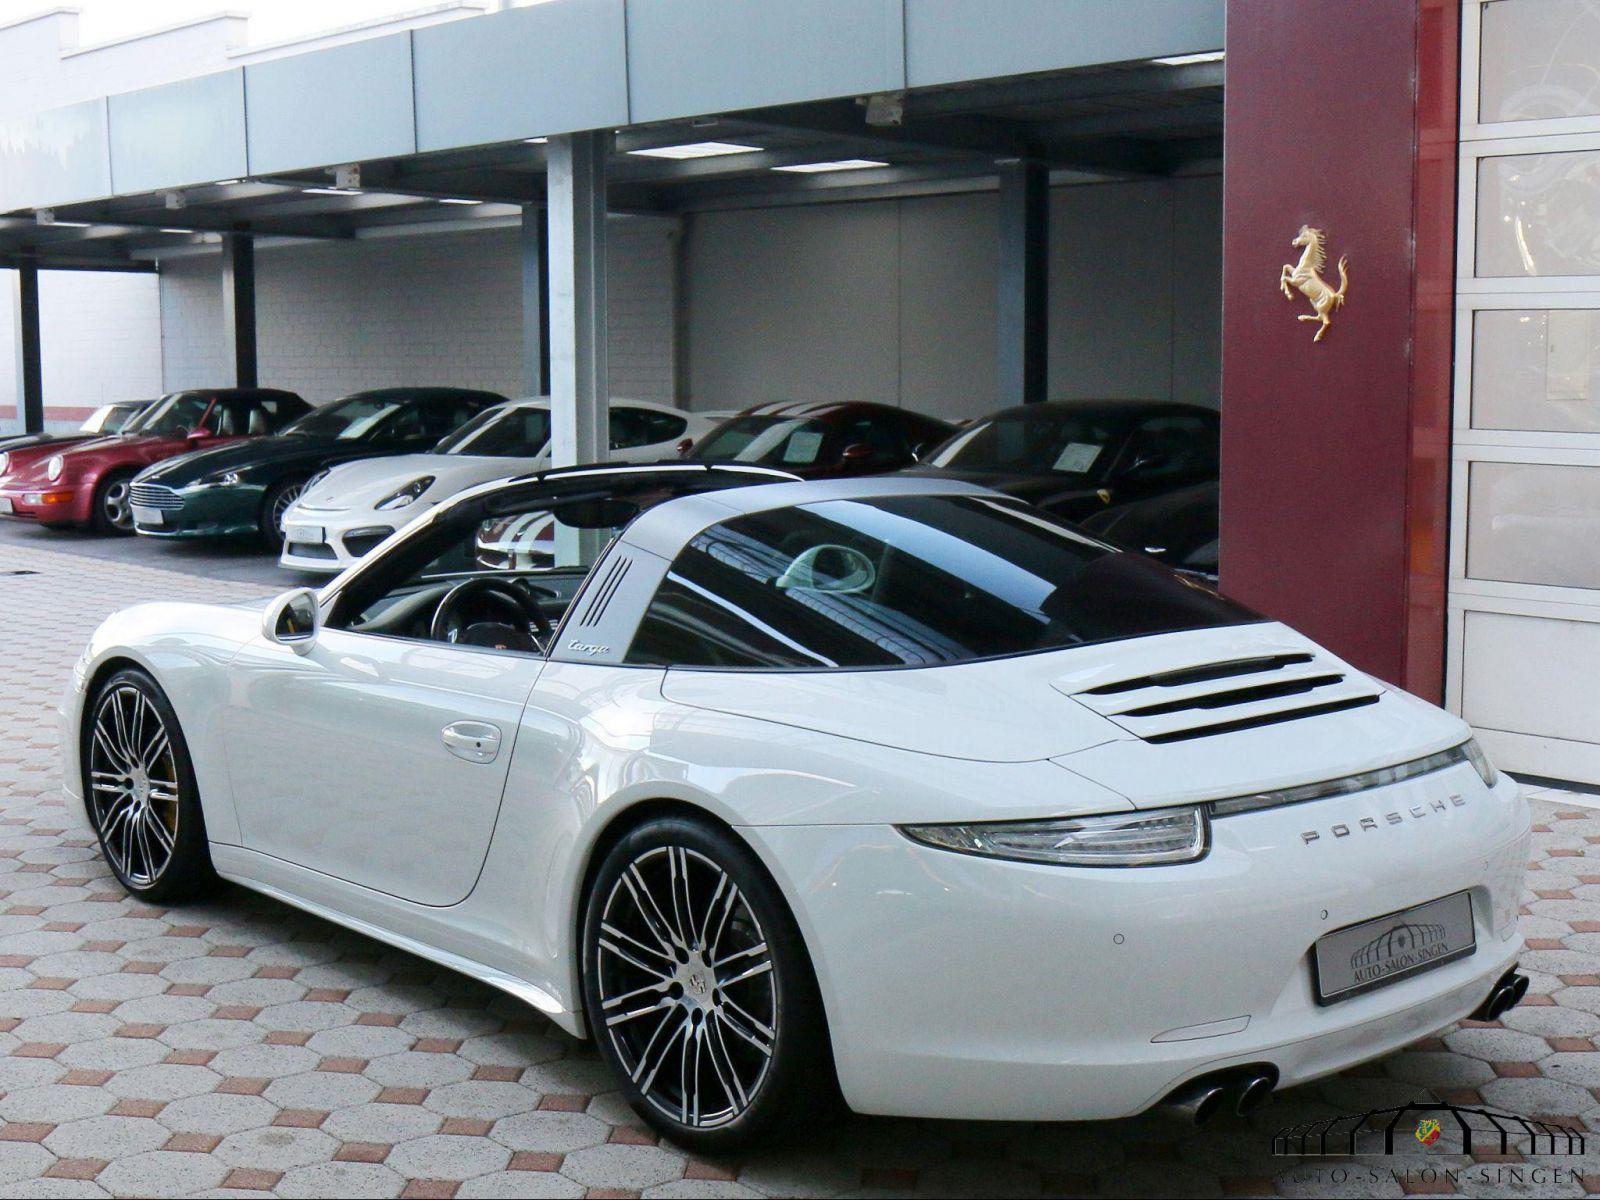 Porsche 991 Targa 4s Convertible Auto Salon Singen